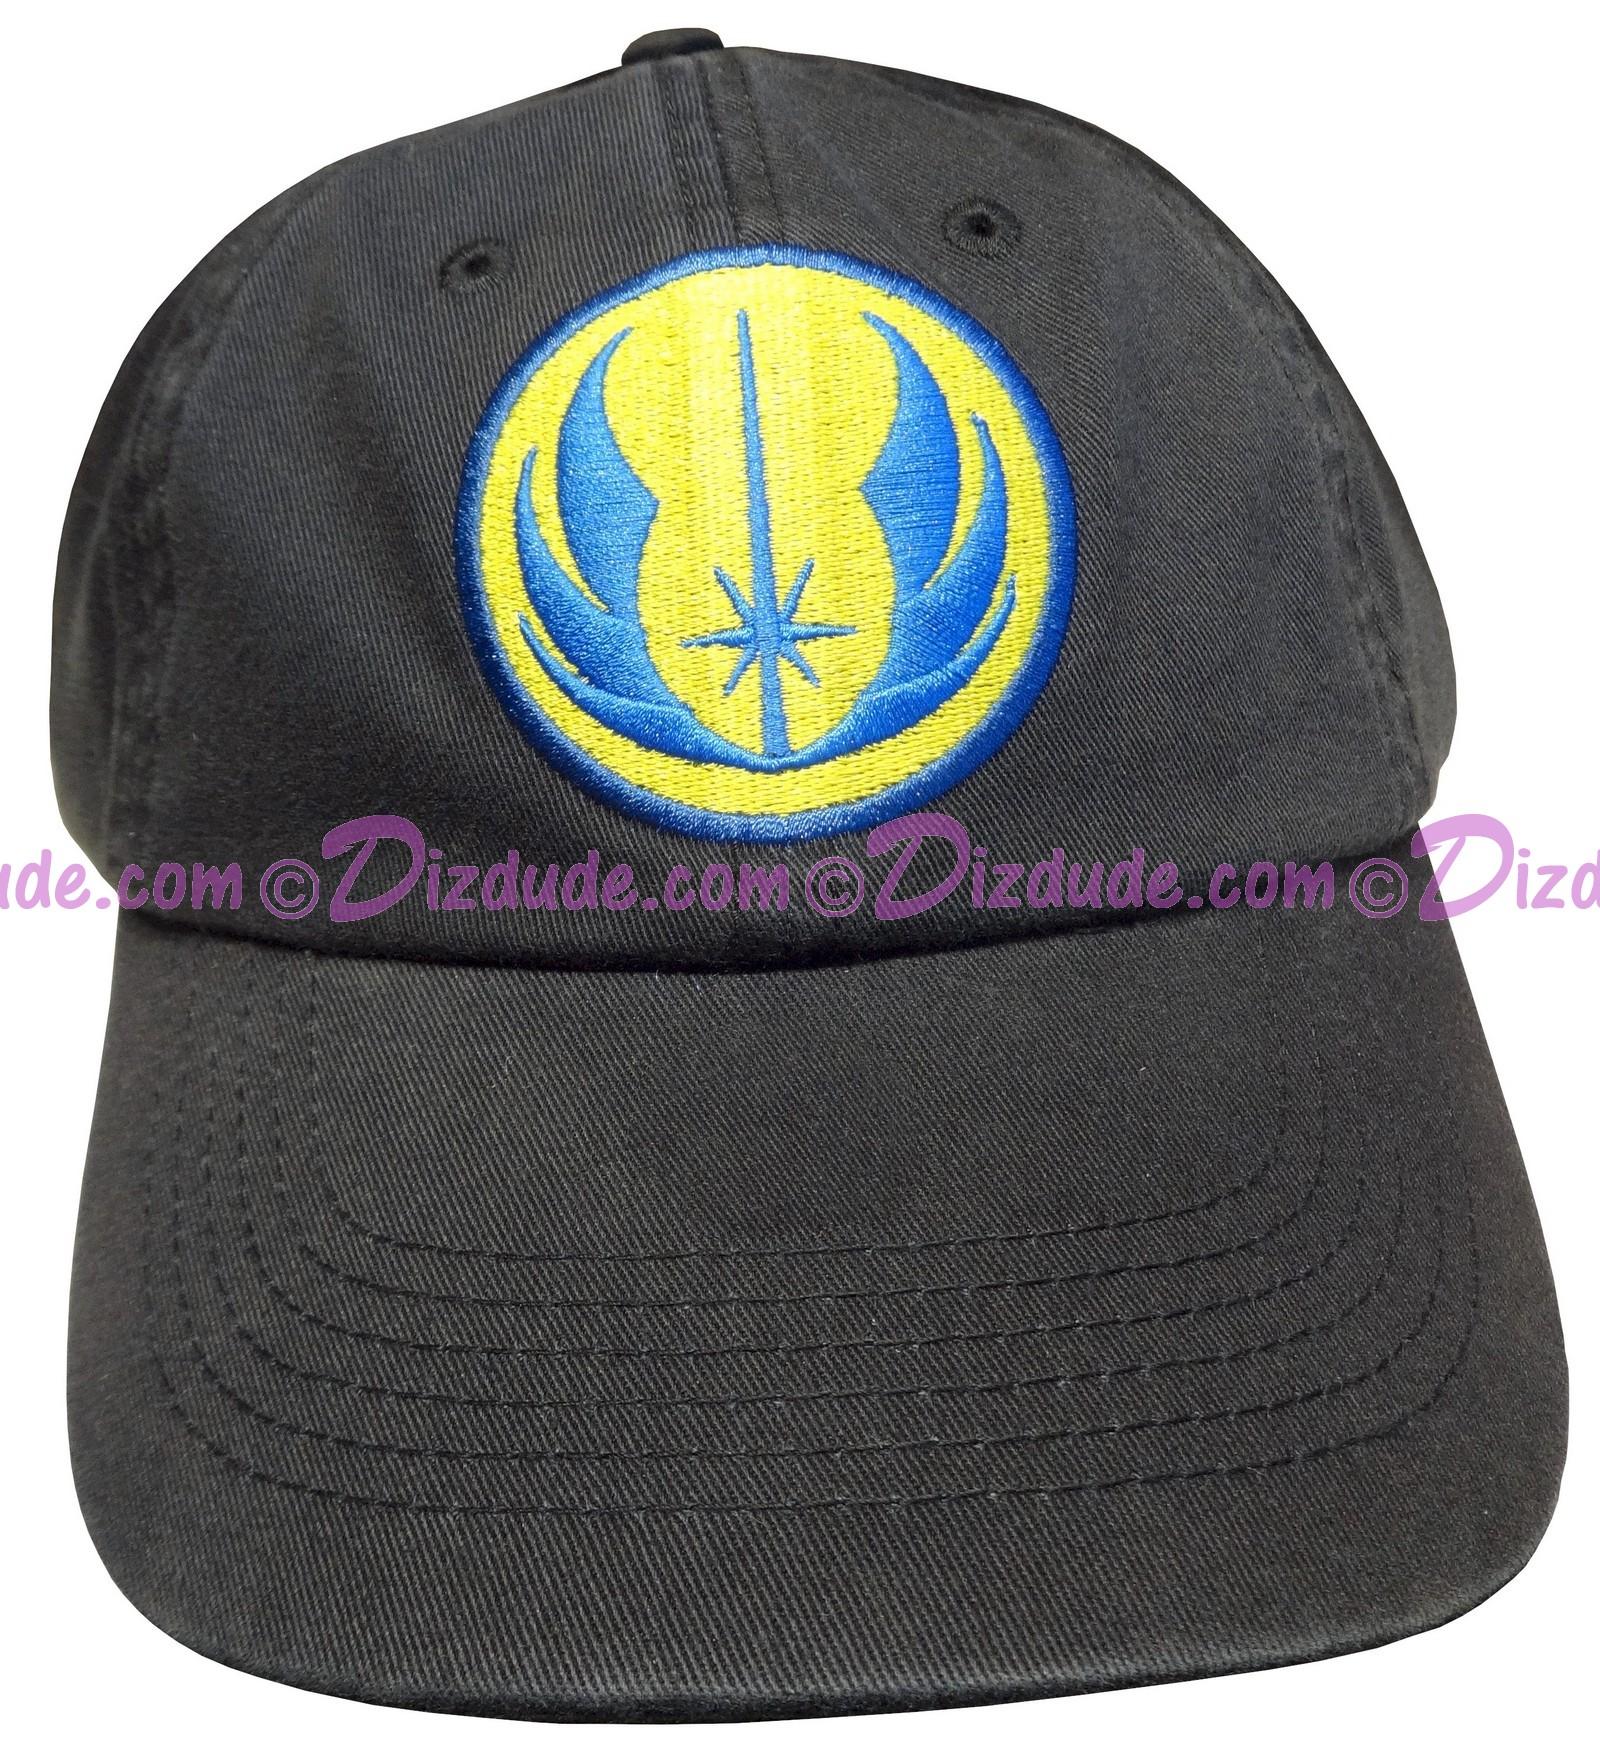 Disney Star Wars Jedi Order Insignia Adult Hat © Dizdude.com